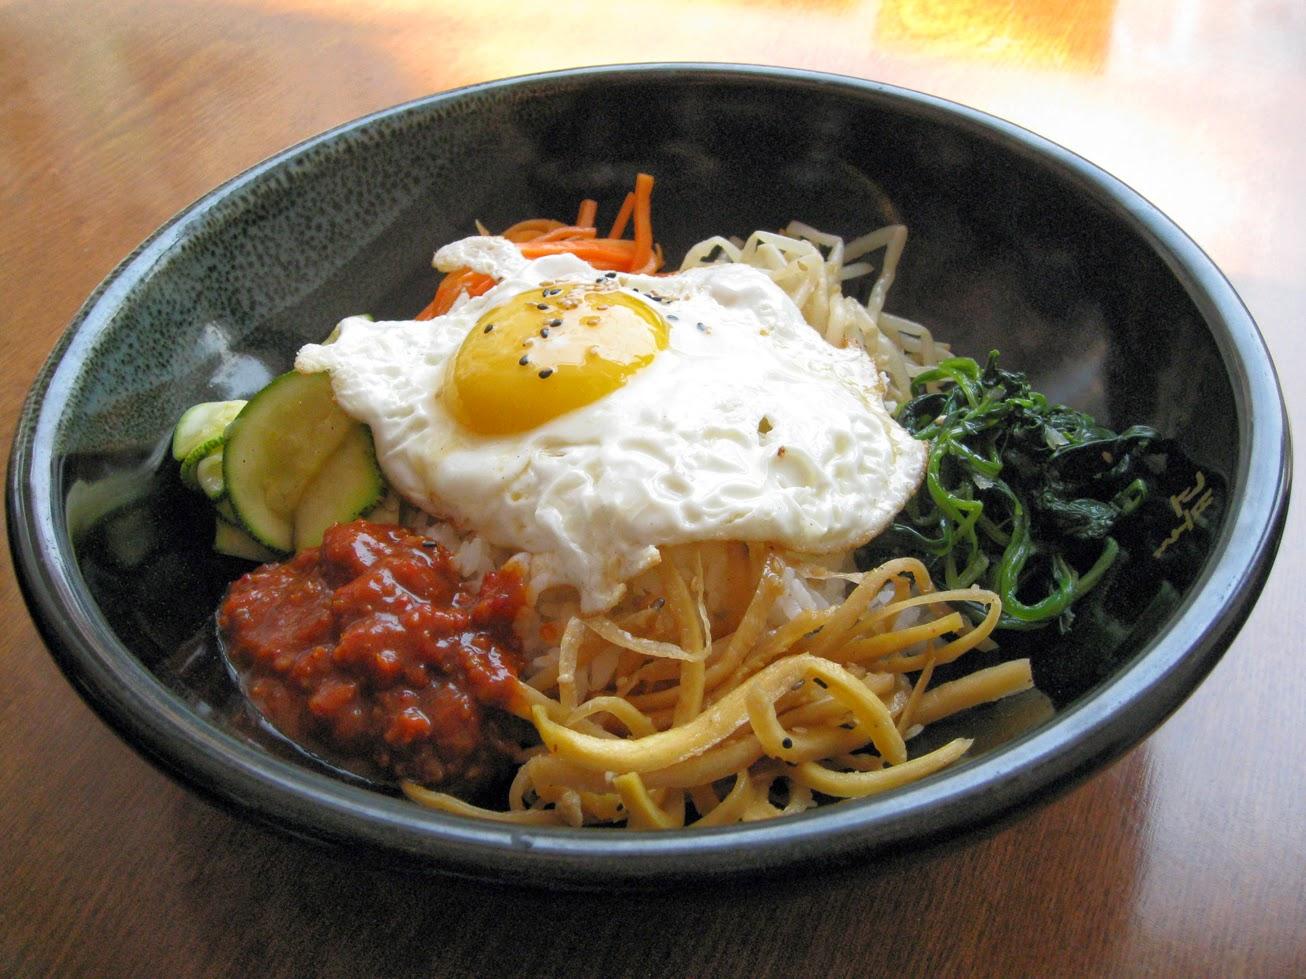 ... 나물과 같이 즐기는 비빔밥 Spring vegetables Bibimbap recipe